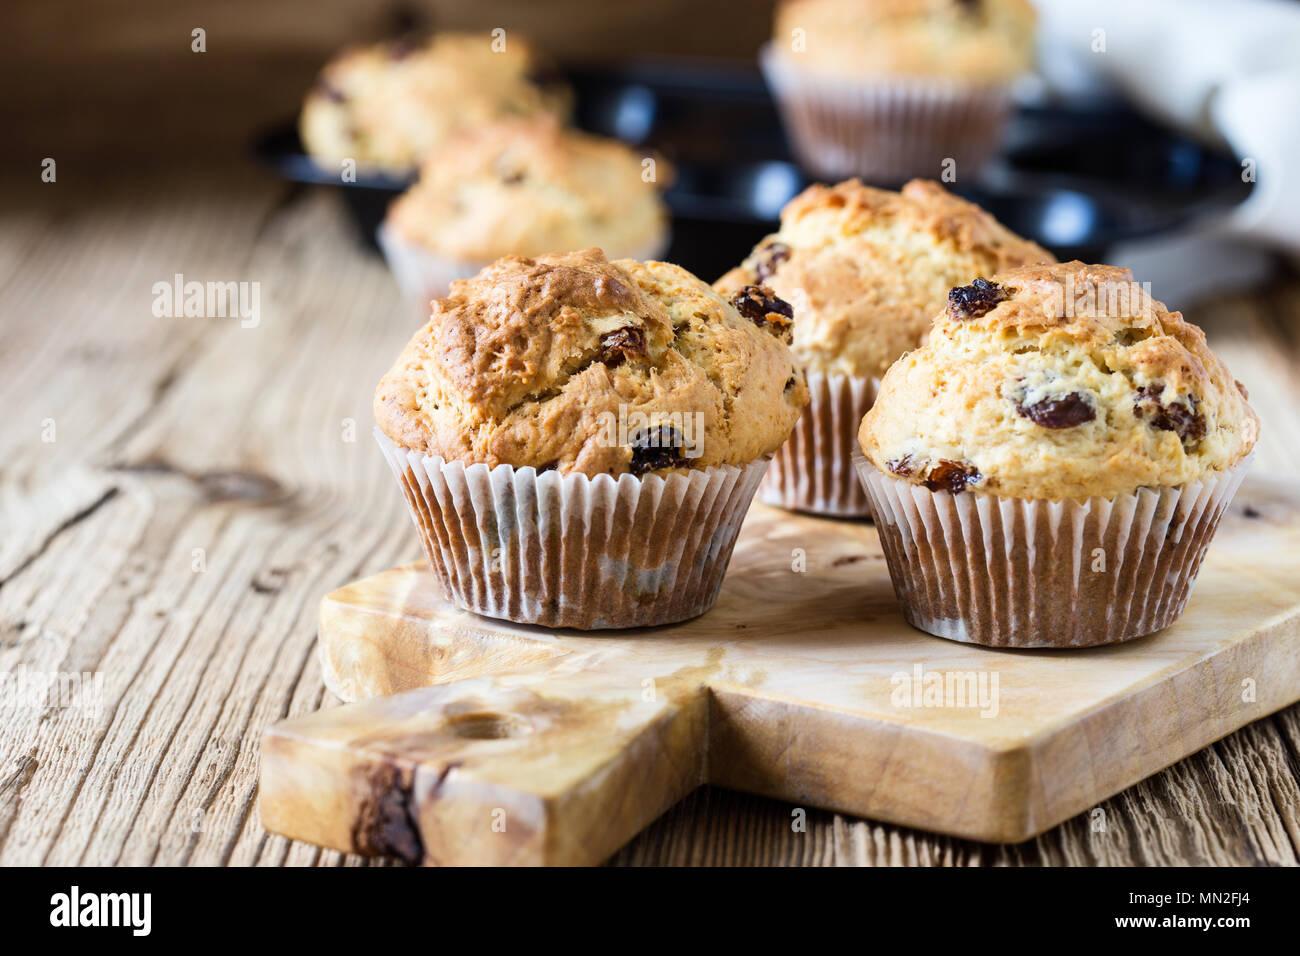 Muffins farine de petit-déjeuner avec des raisins secs, des pâtisseries maison traditionnelle américaine Banque D'Images